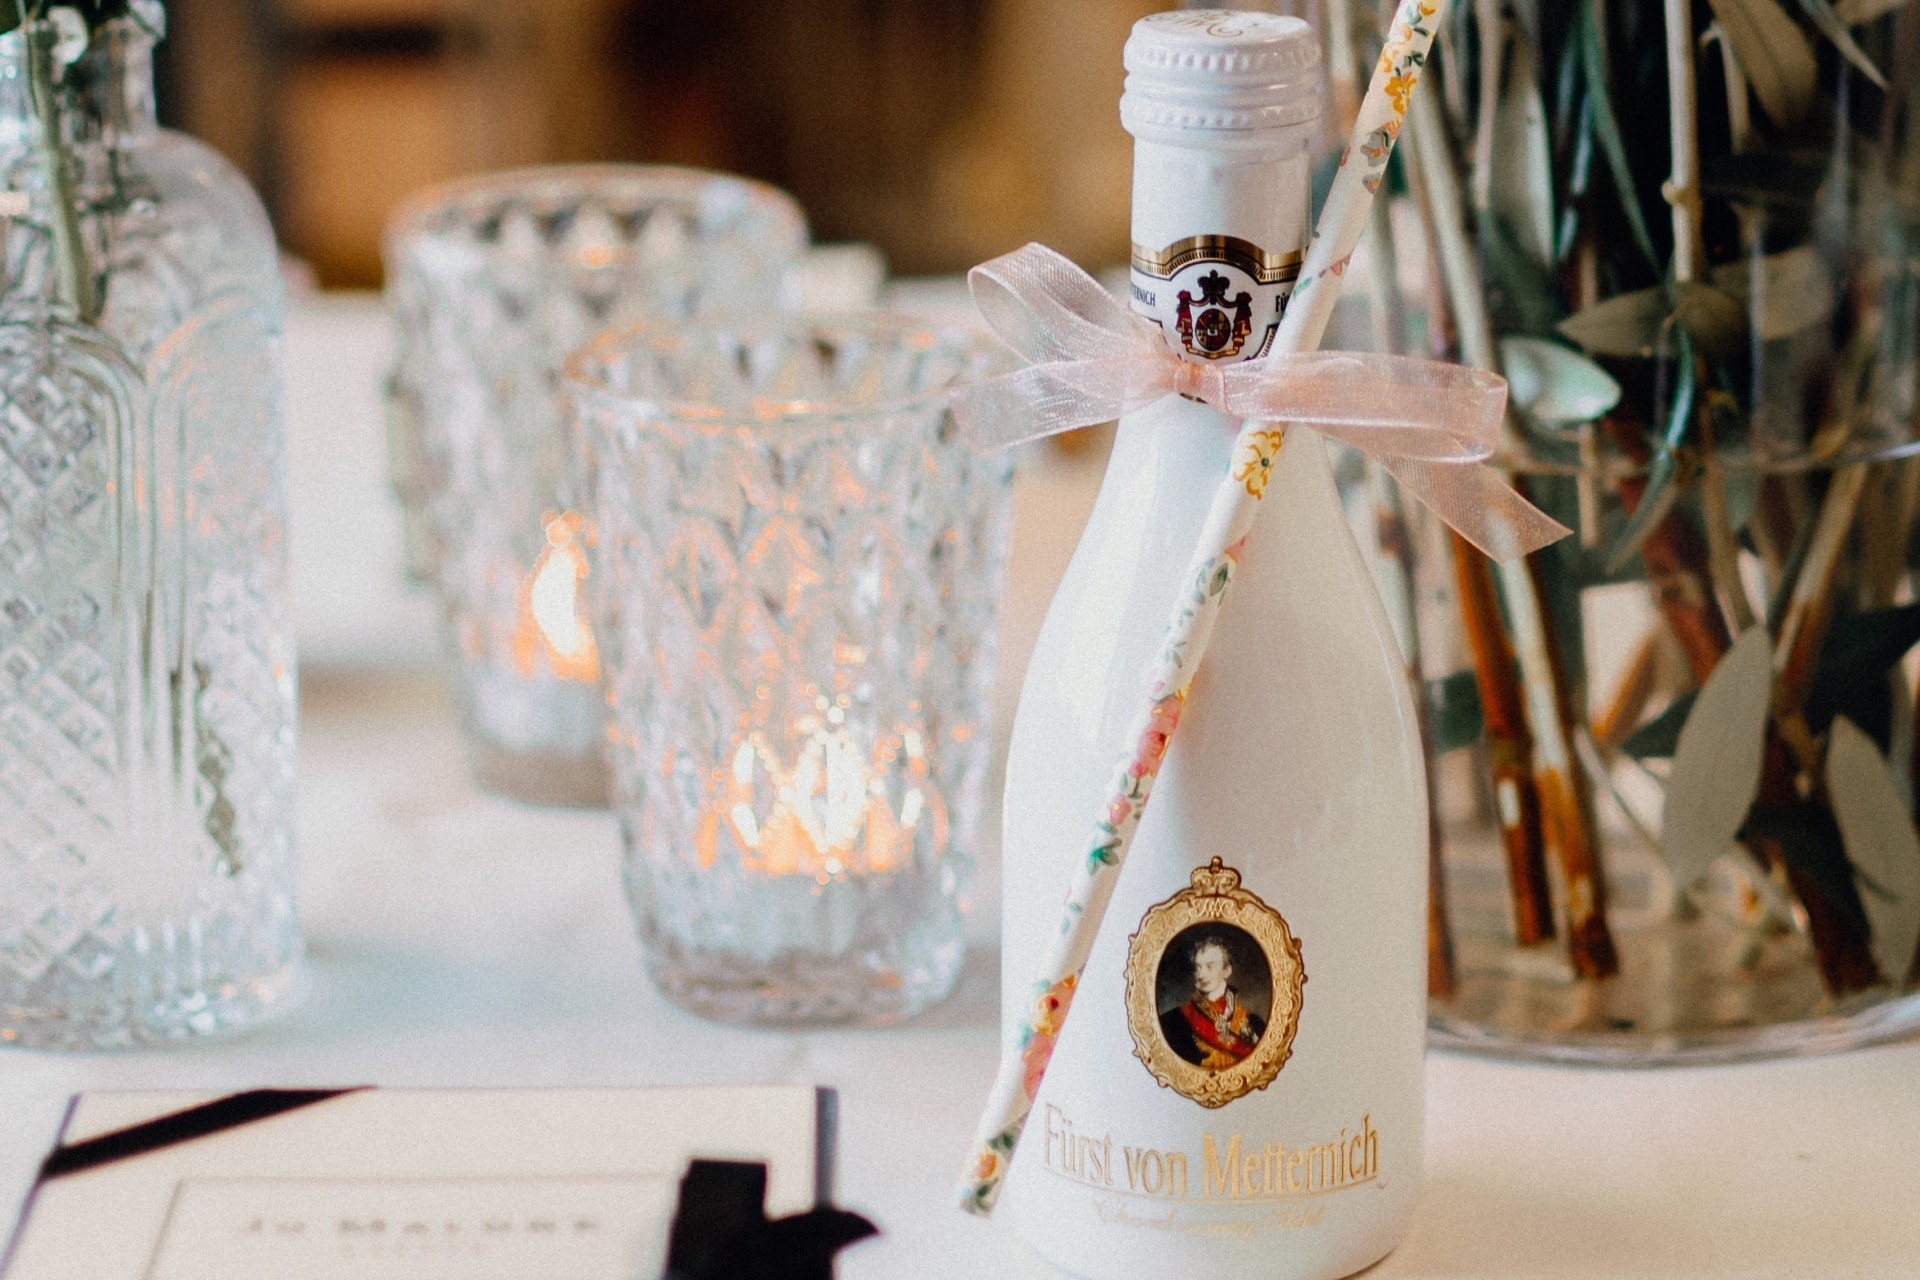 Fürst von Metternich Chardonnay Kleinflasche